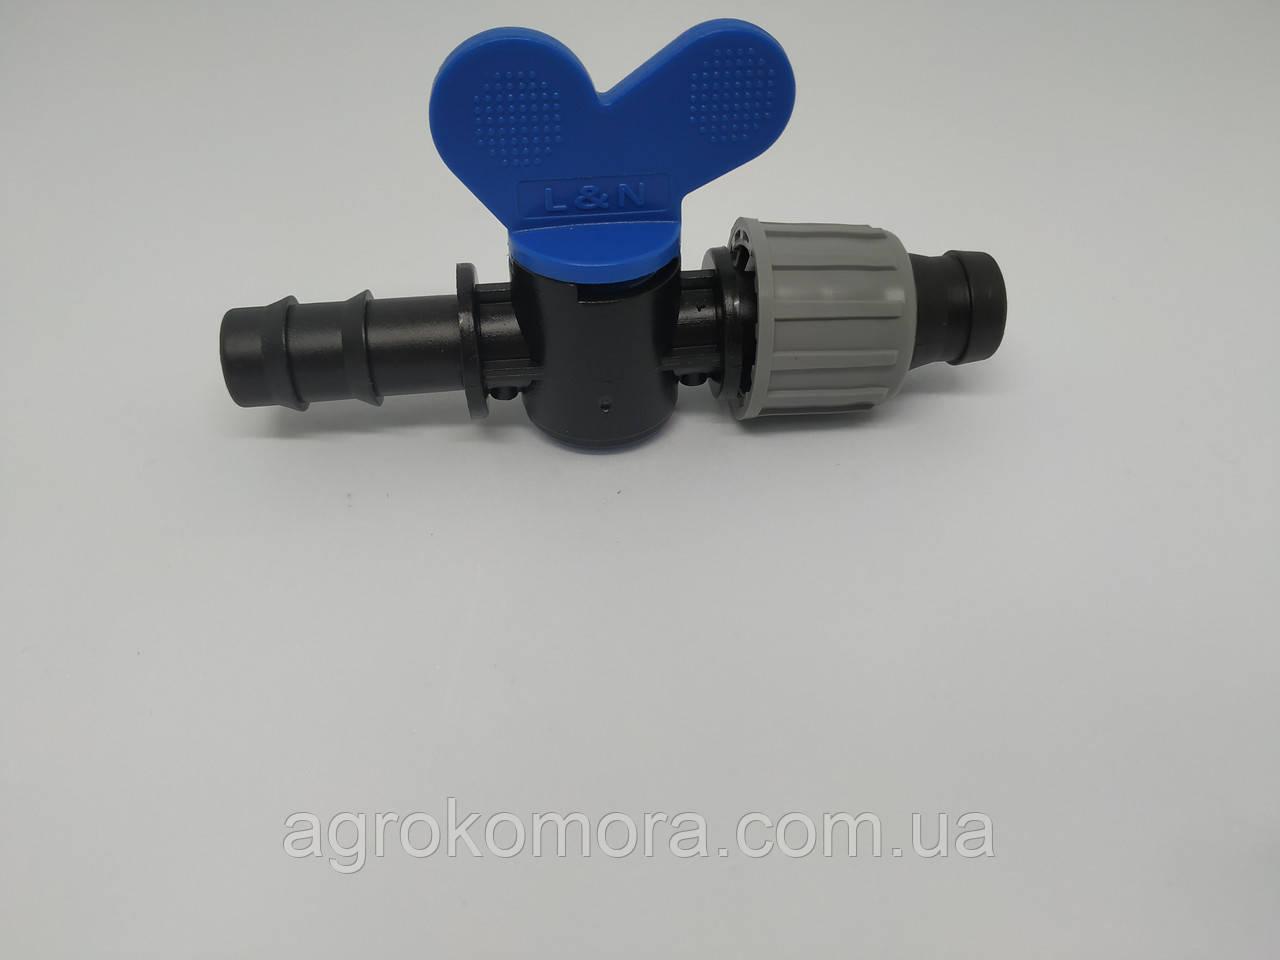 Мінікран для з`єднання трубка стрічка 16 мм, - Україна